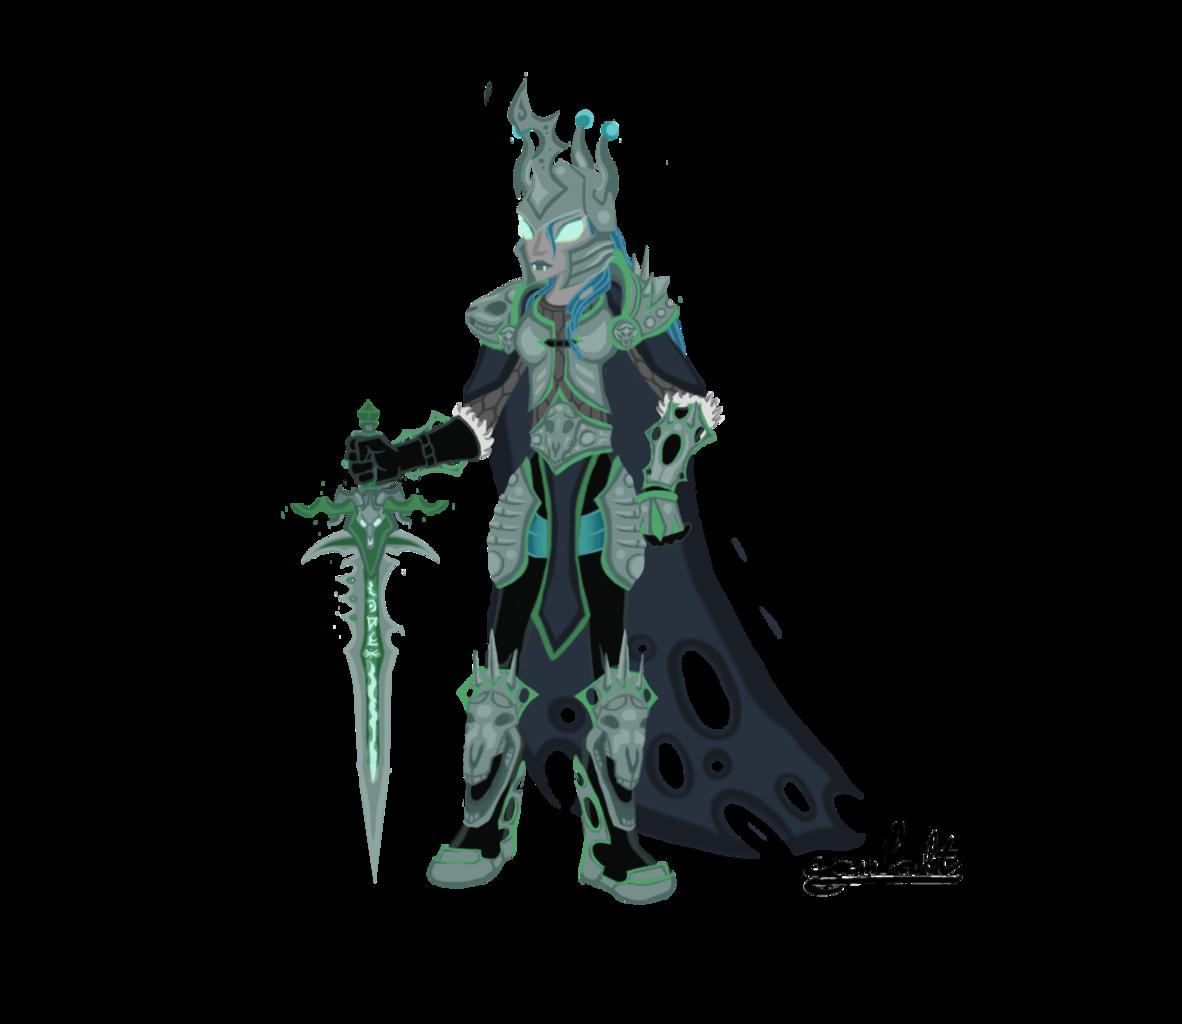 414487 - armor, arthas menethil, artist:cambalt, cape